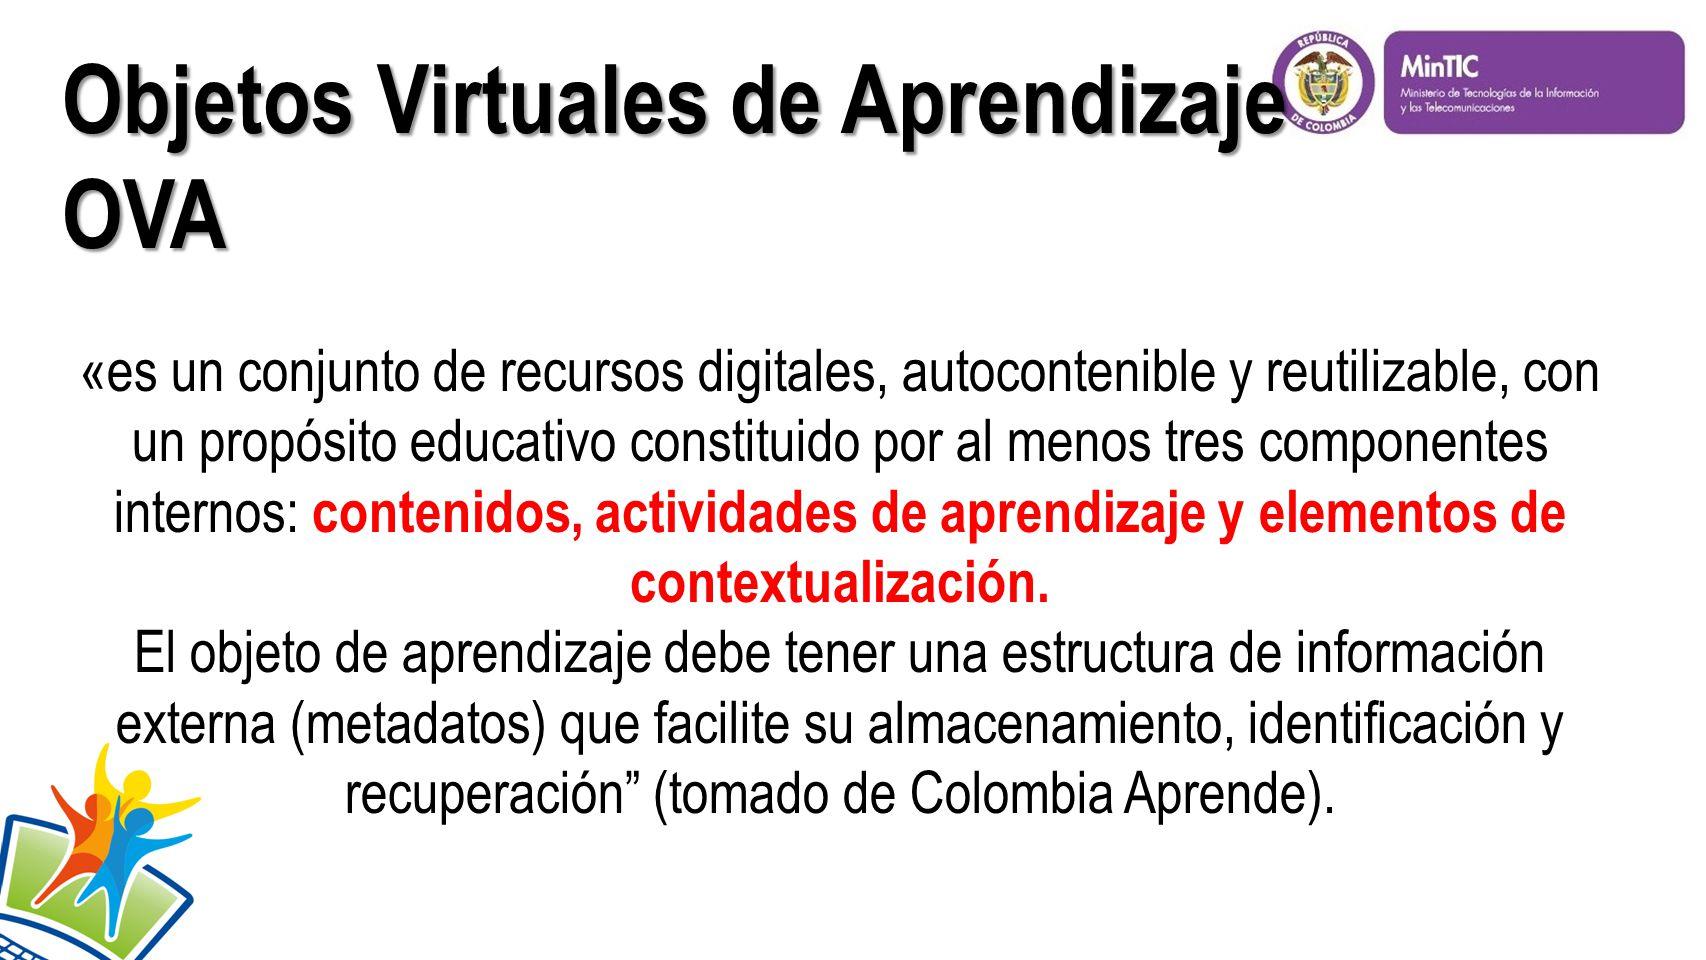 Objetos Virtuales de Aprendizaje OVA «es un conjunto de recursos digitales, autocontenible y reutilizable, con un propósito educativo constituido por al menos tres componentes internos: contenidos, actividades de aprendizaje y elementos de contextualización.